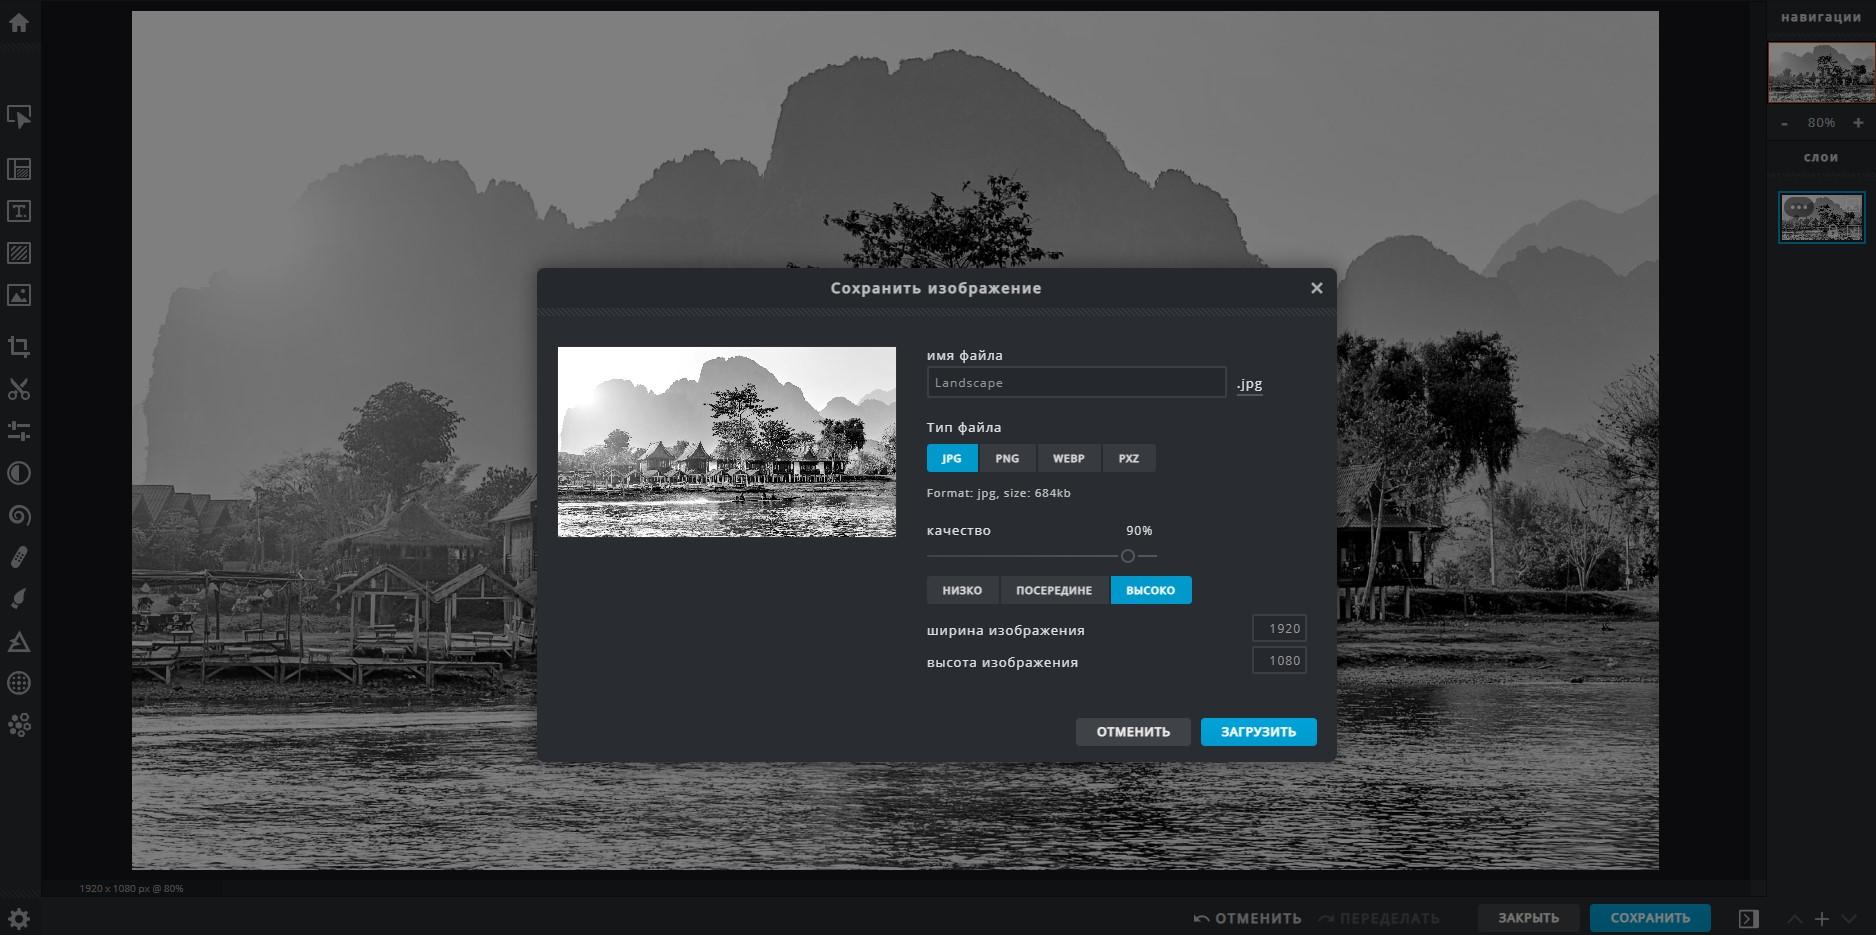 Сохранение изображения